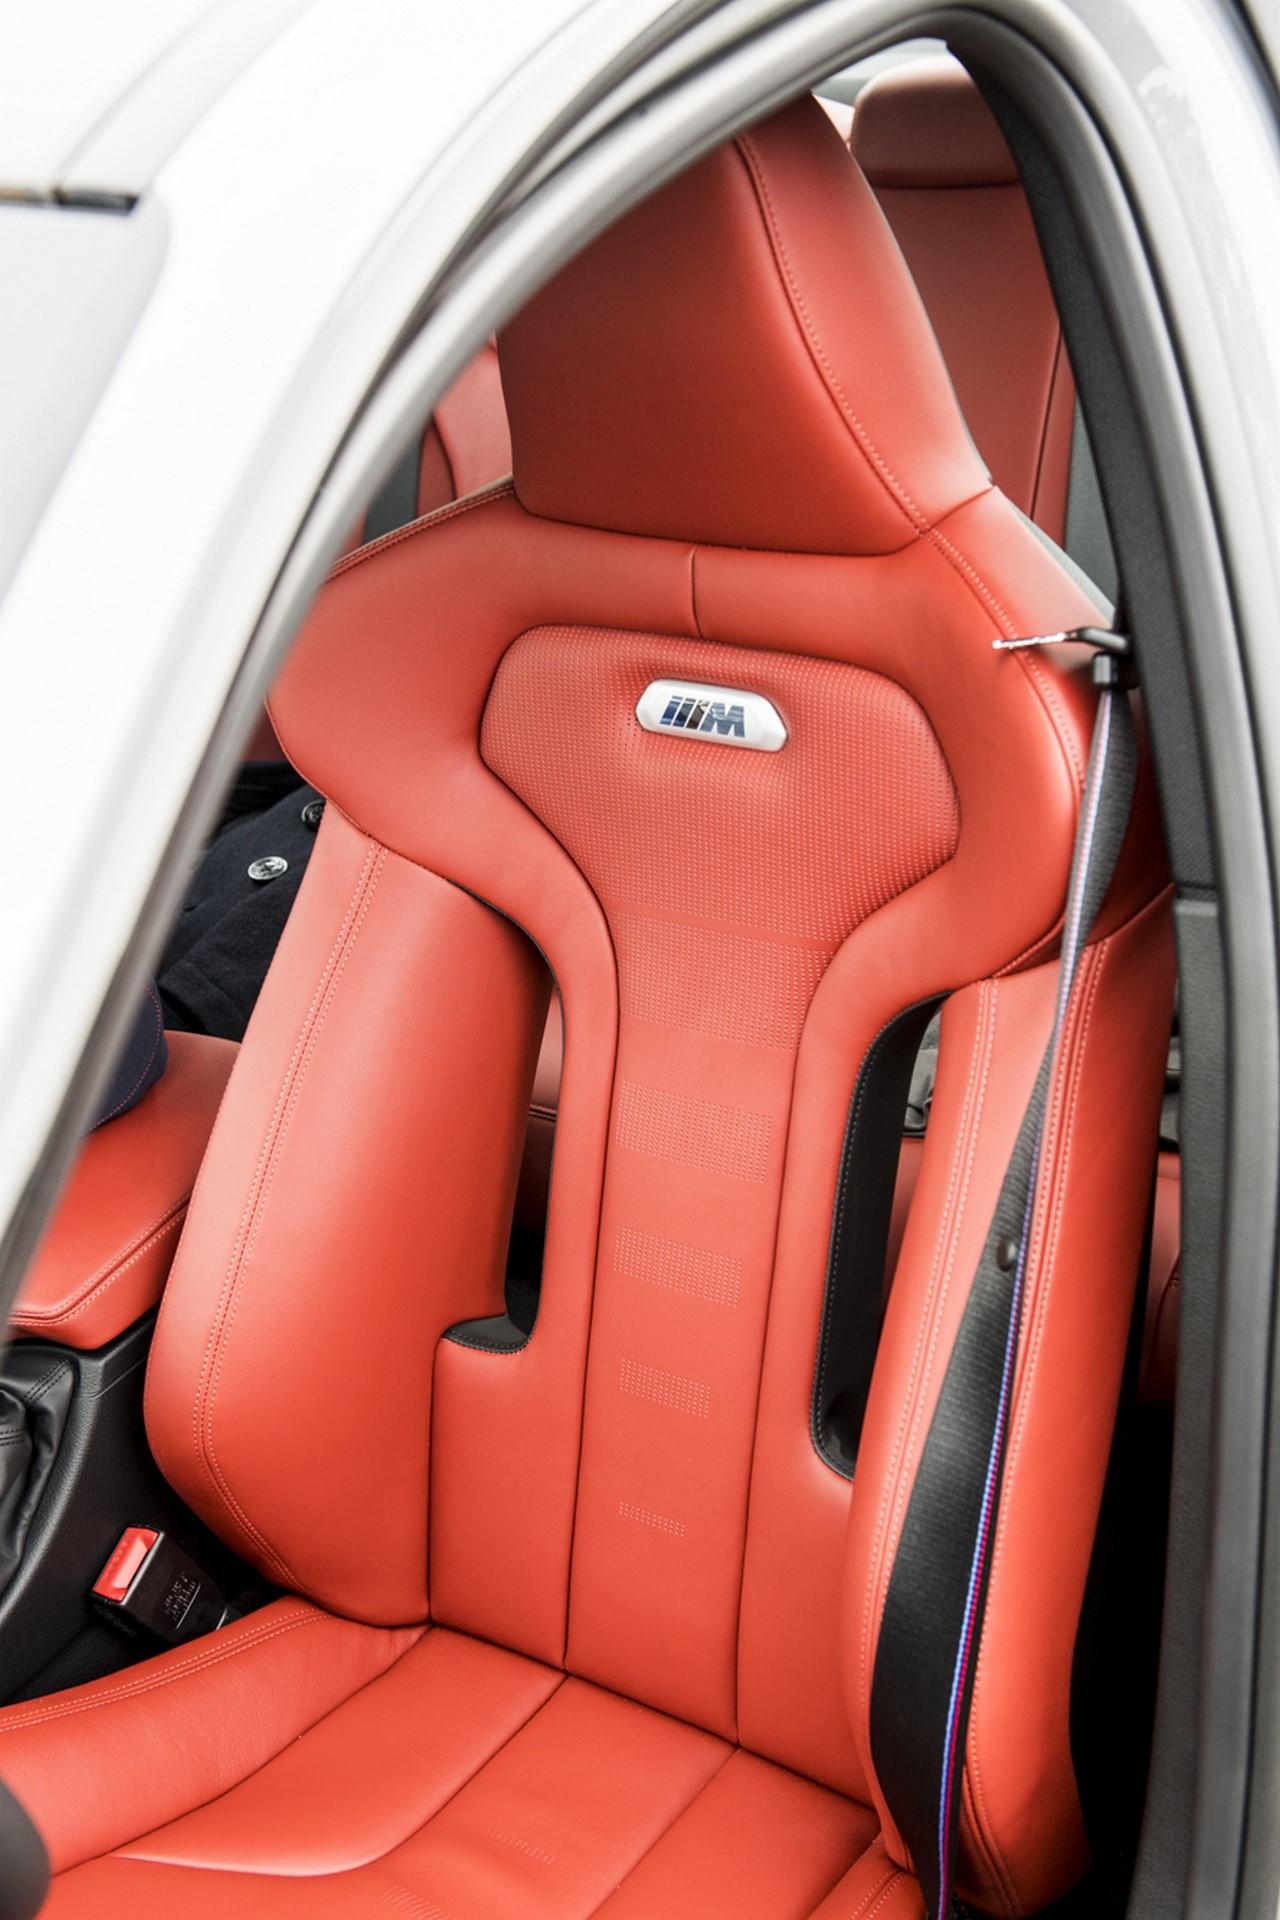 BMW M3 in Nardo Grey color (10)